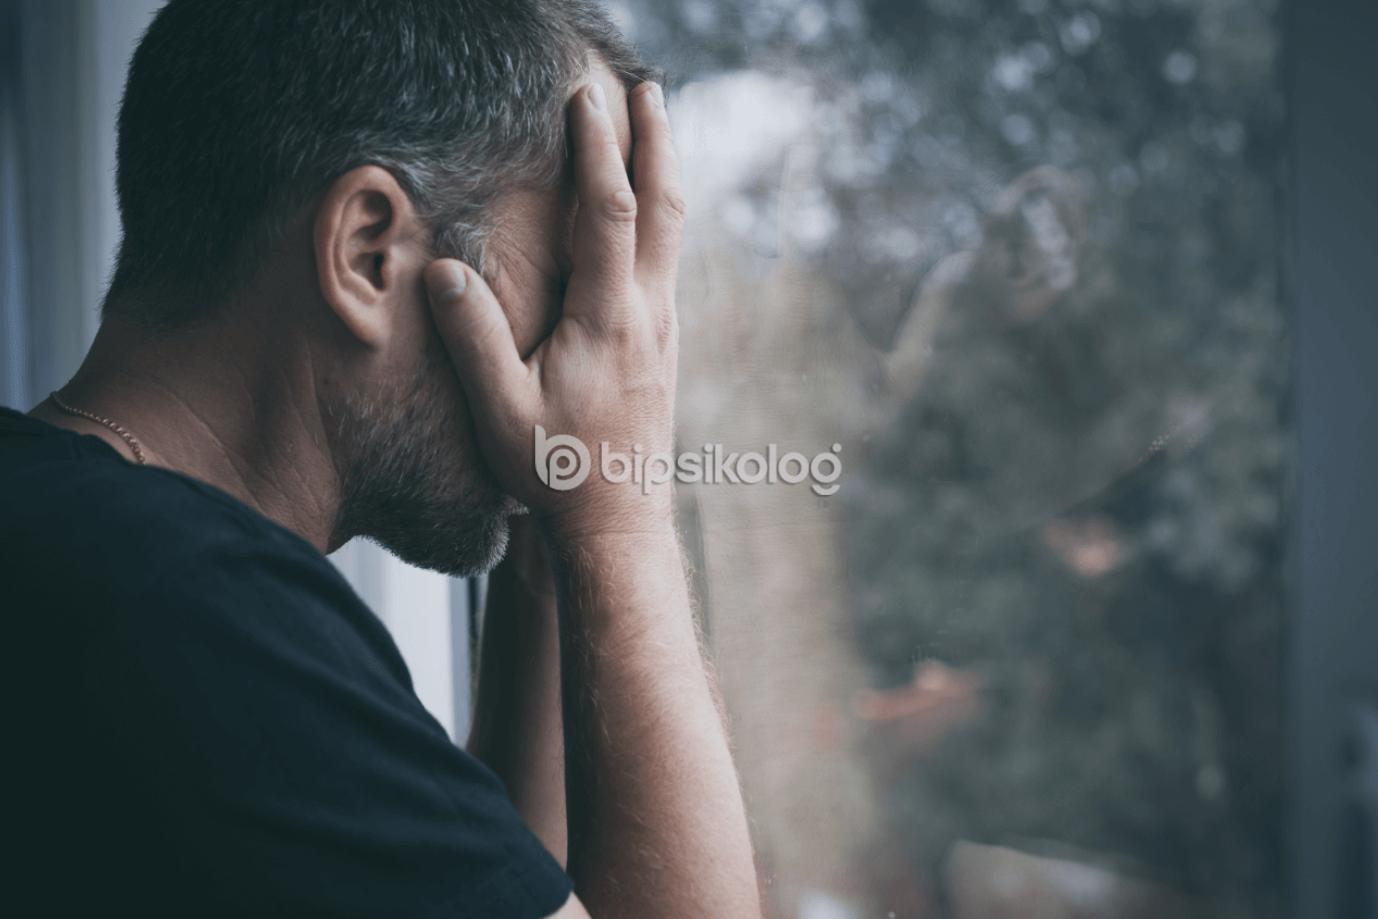 Psikolojik Taciz Türleri Nedir?